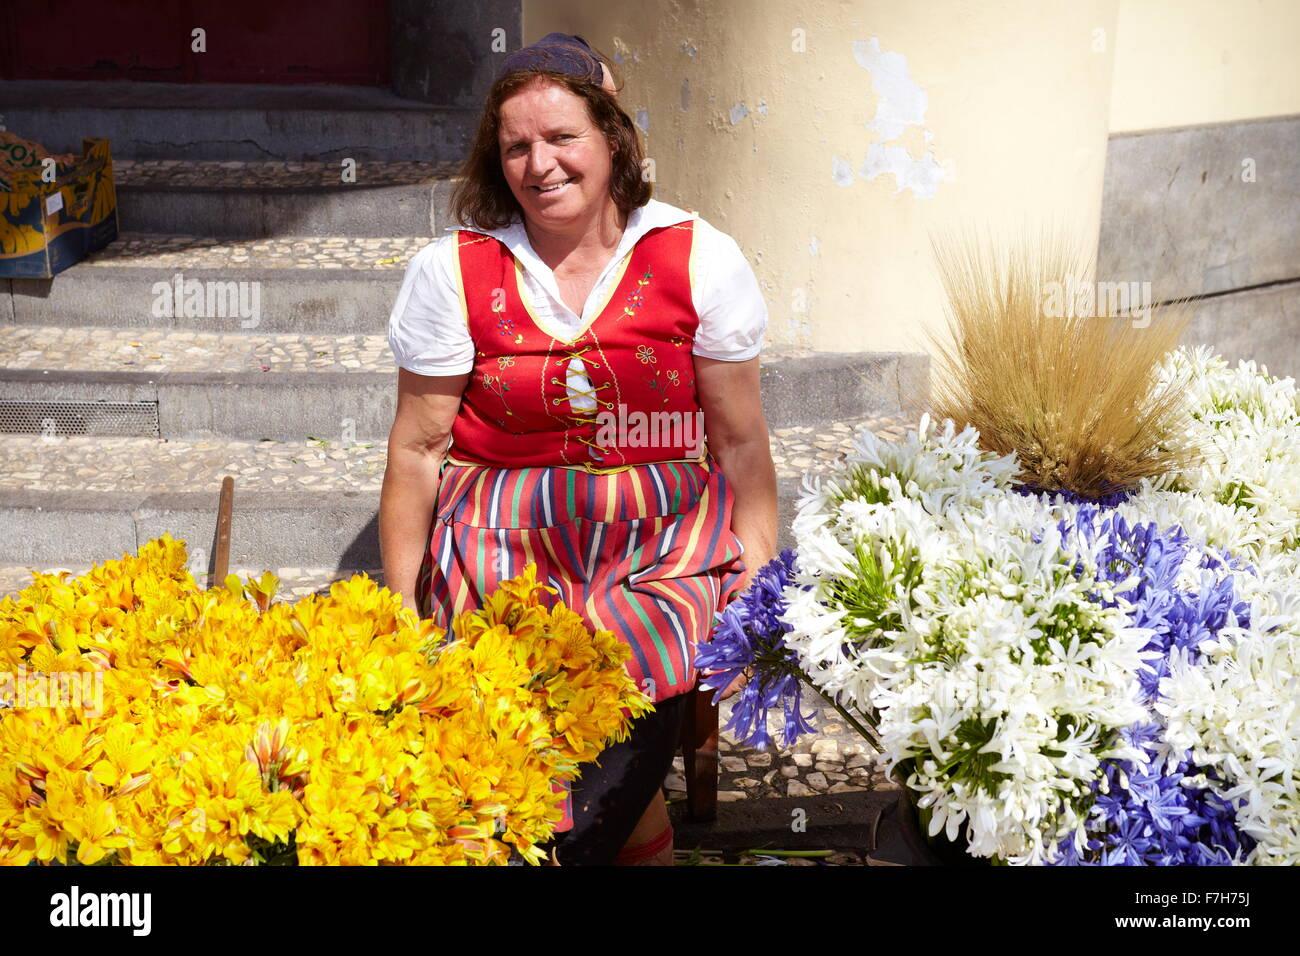 Vendeur de fleurs à Funchal, Madère, Portugal marché Photo Stock